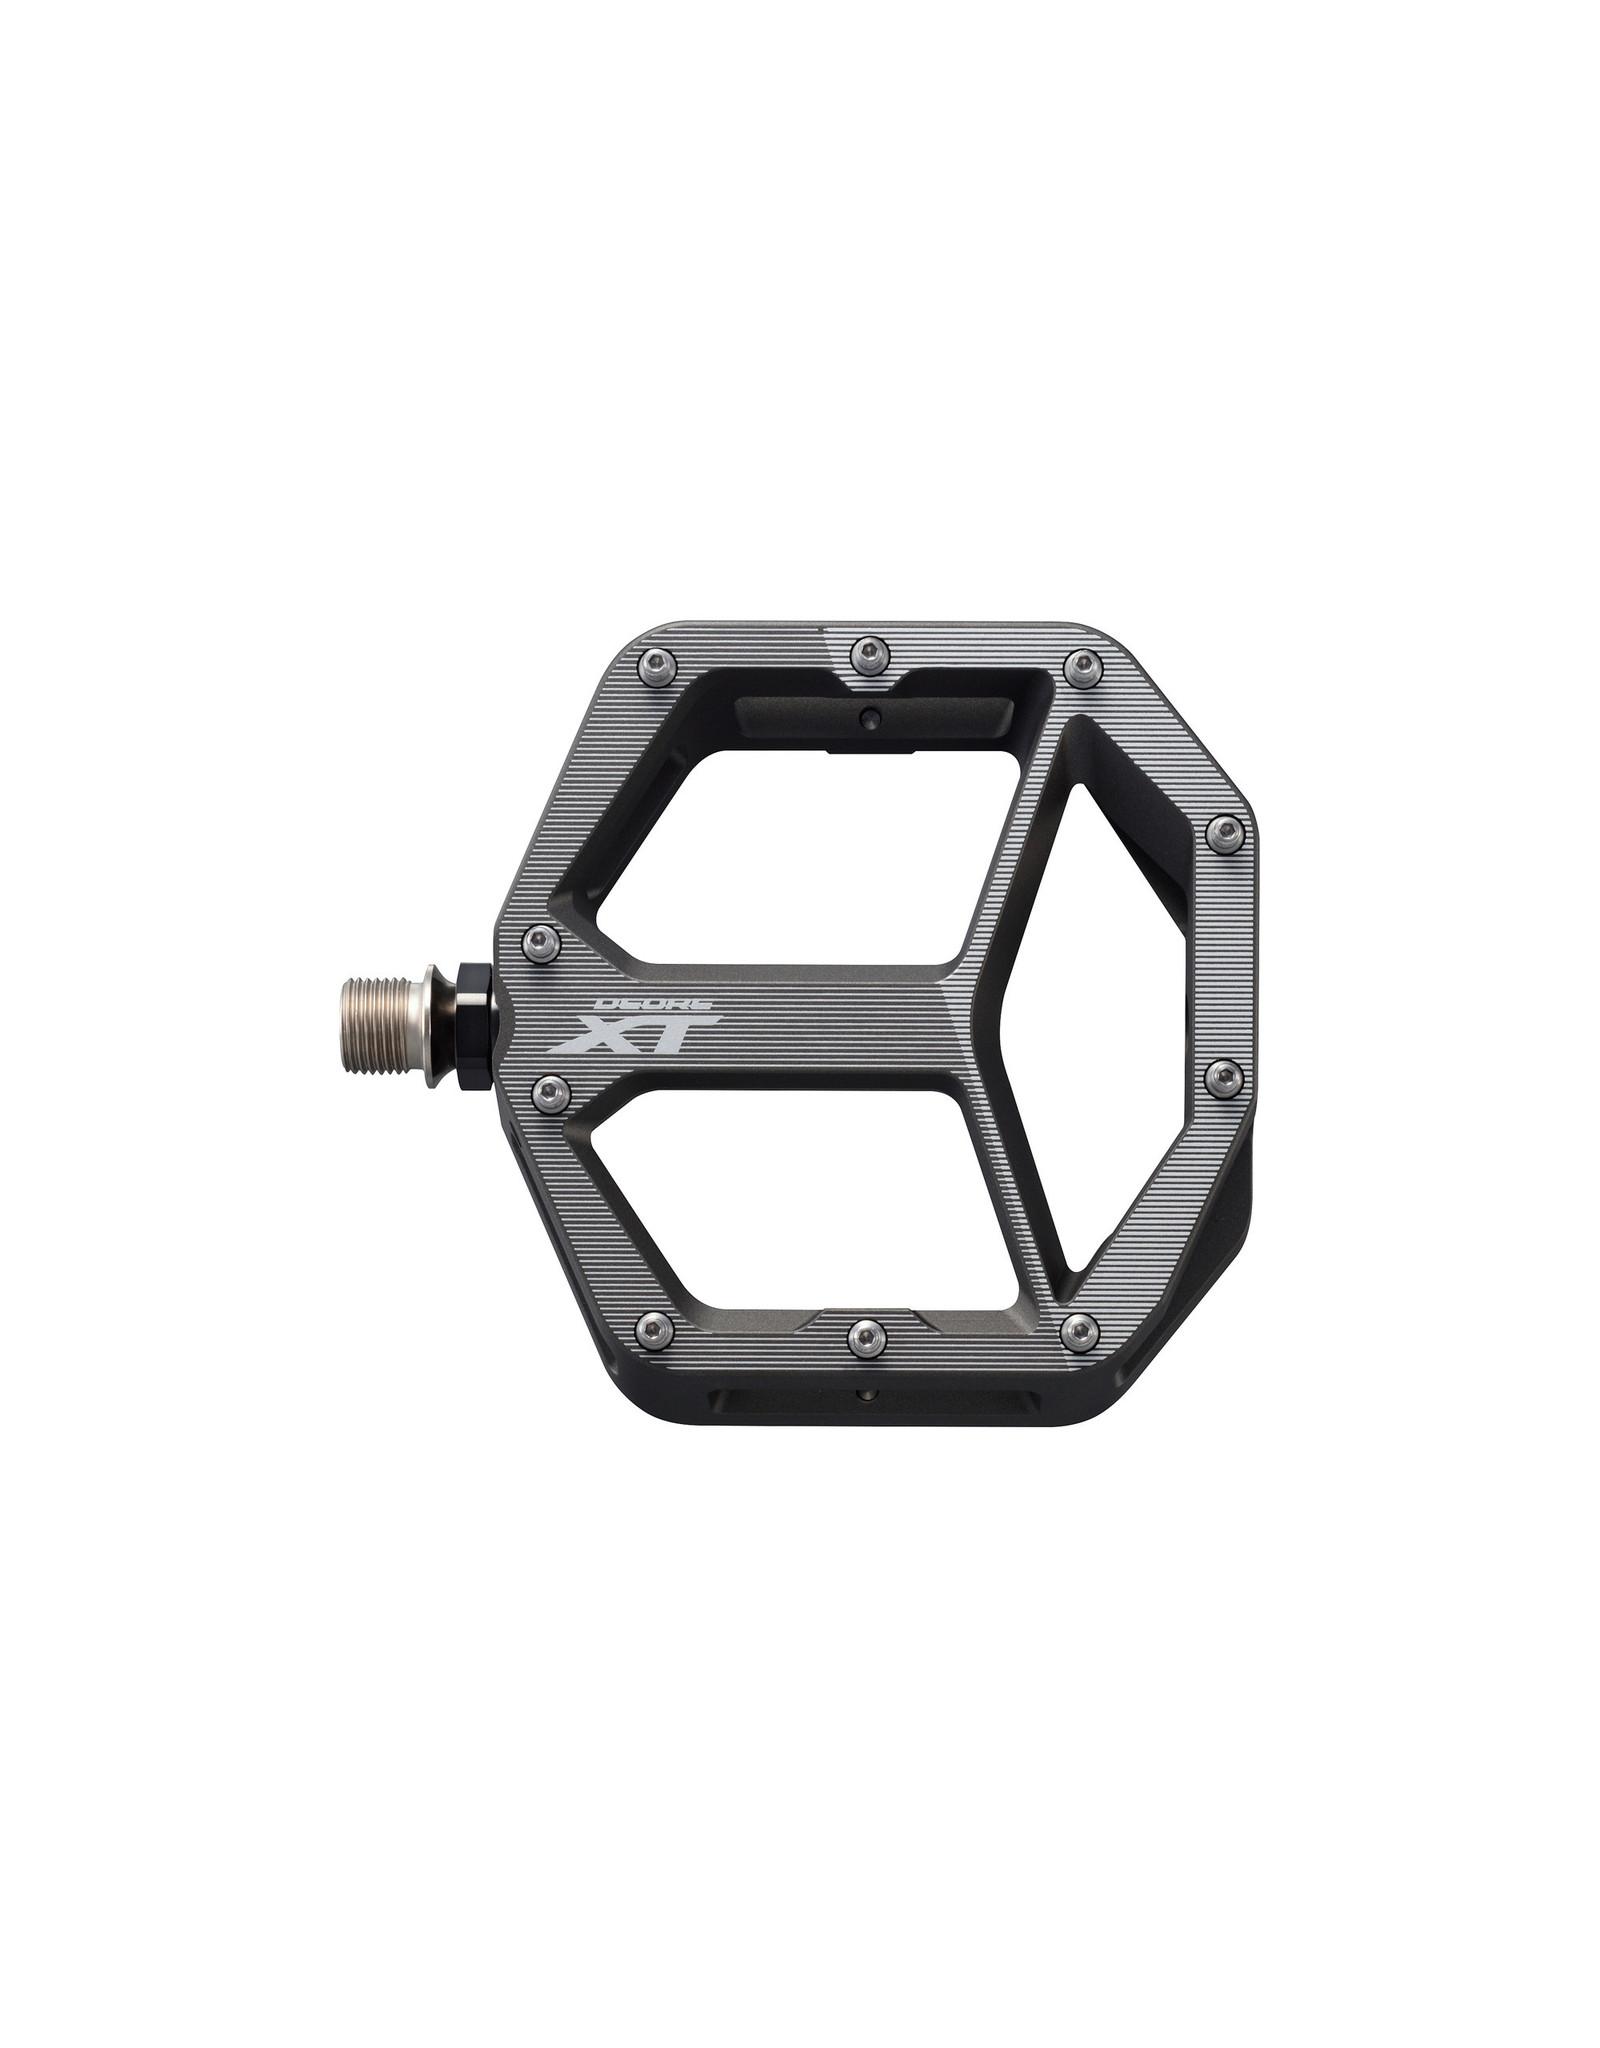 Shimano XT M8040 Platform Pedals Size M/L